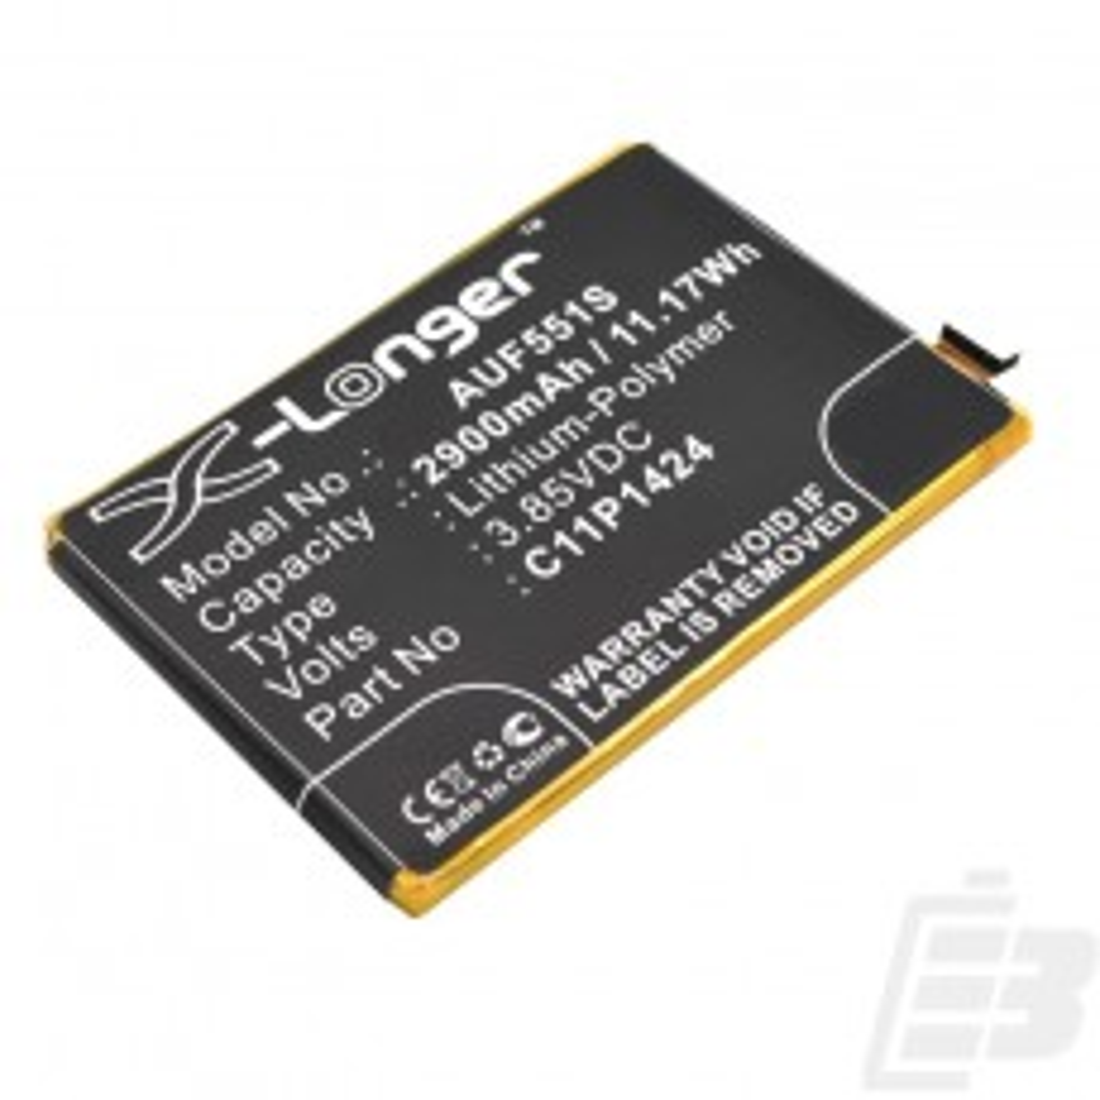 Smartphone battery Asus ZenFone Go_1